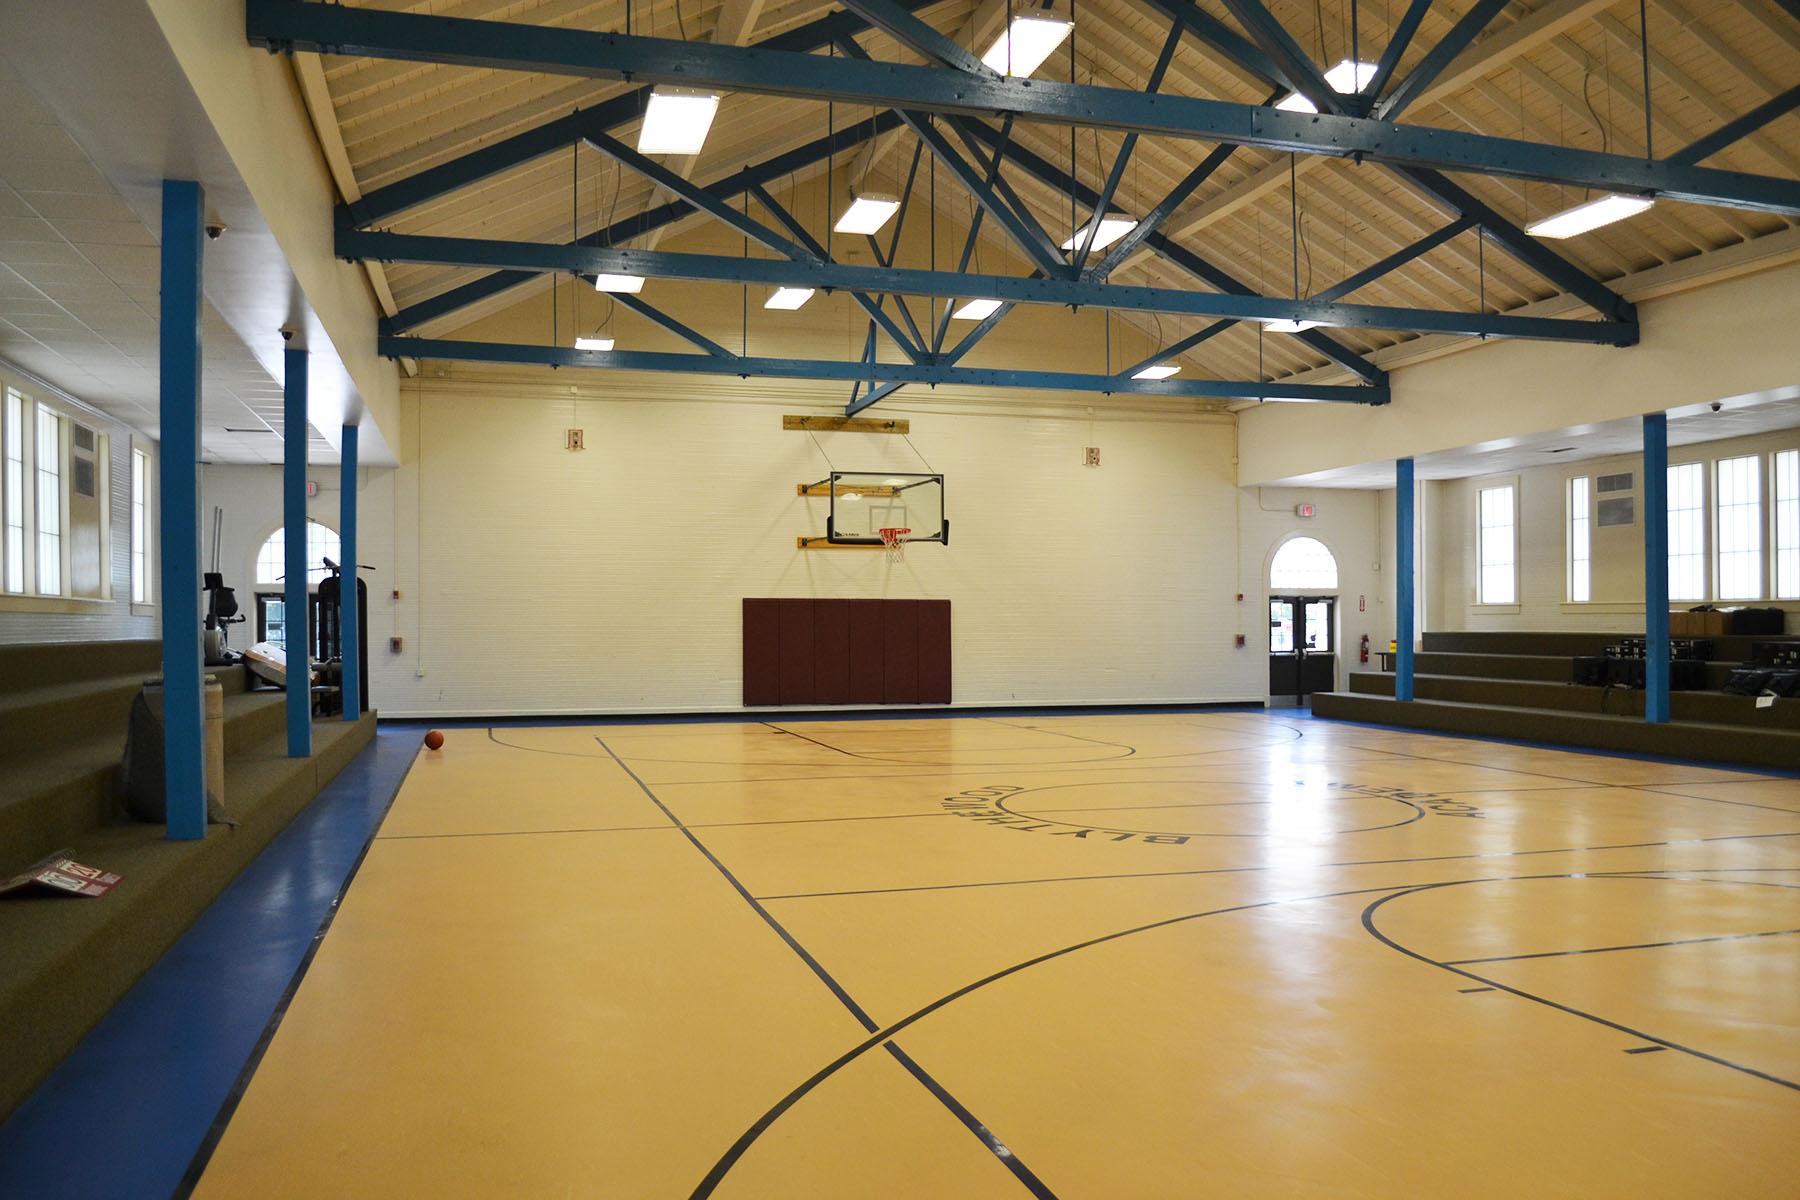 Blythewood School Gym.  Photo taken by Jim McLean August 2014.